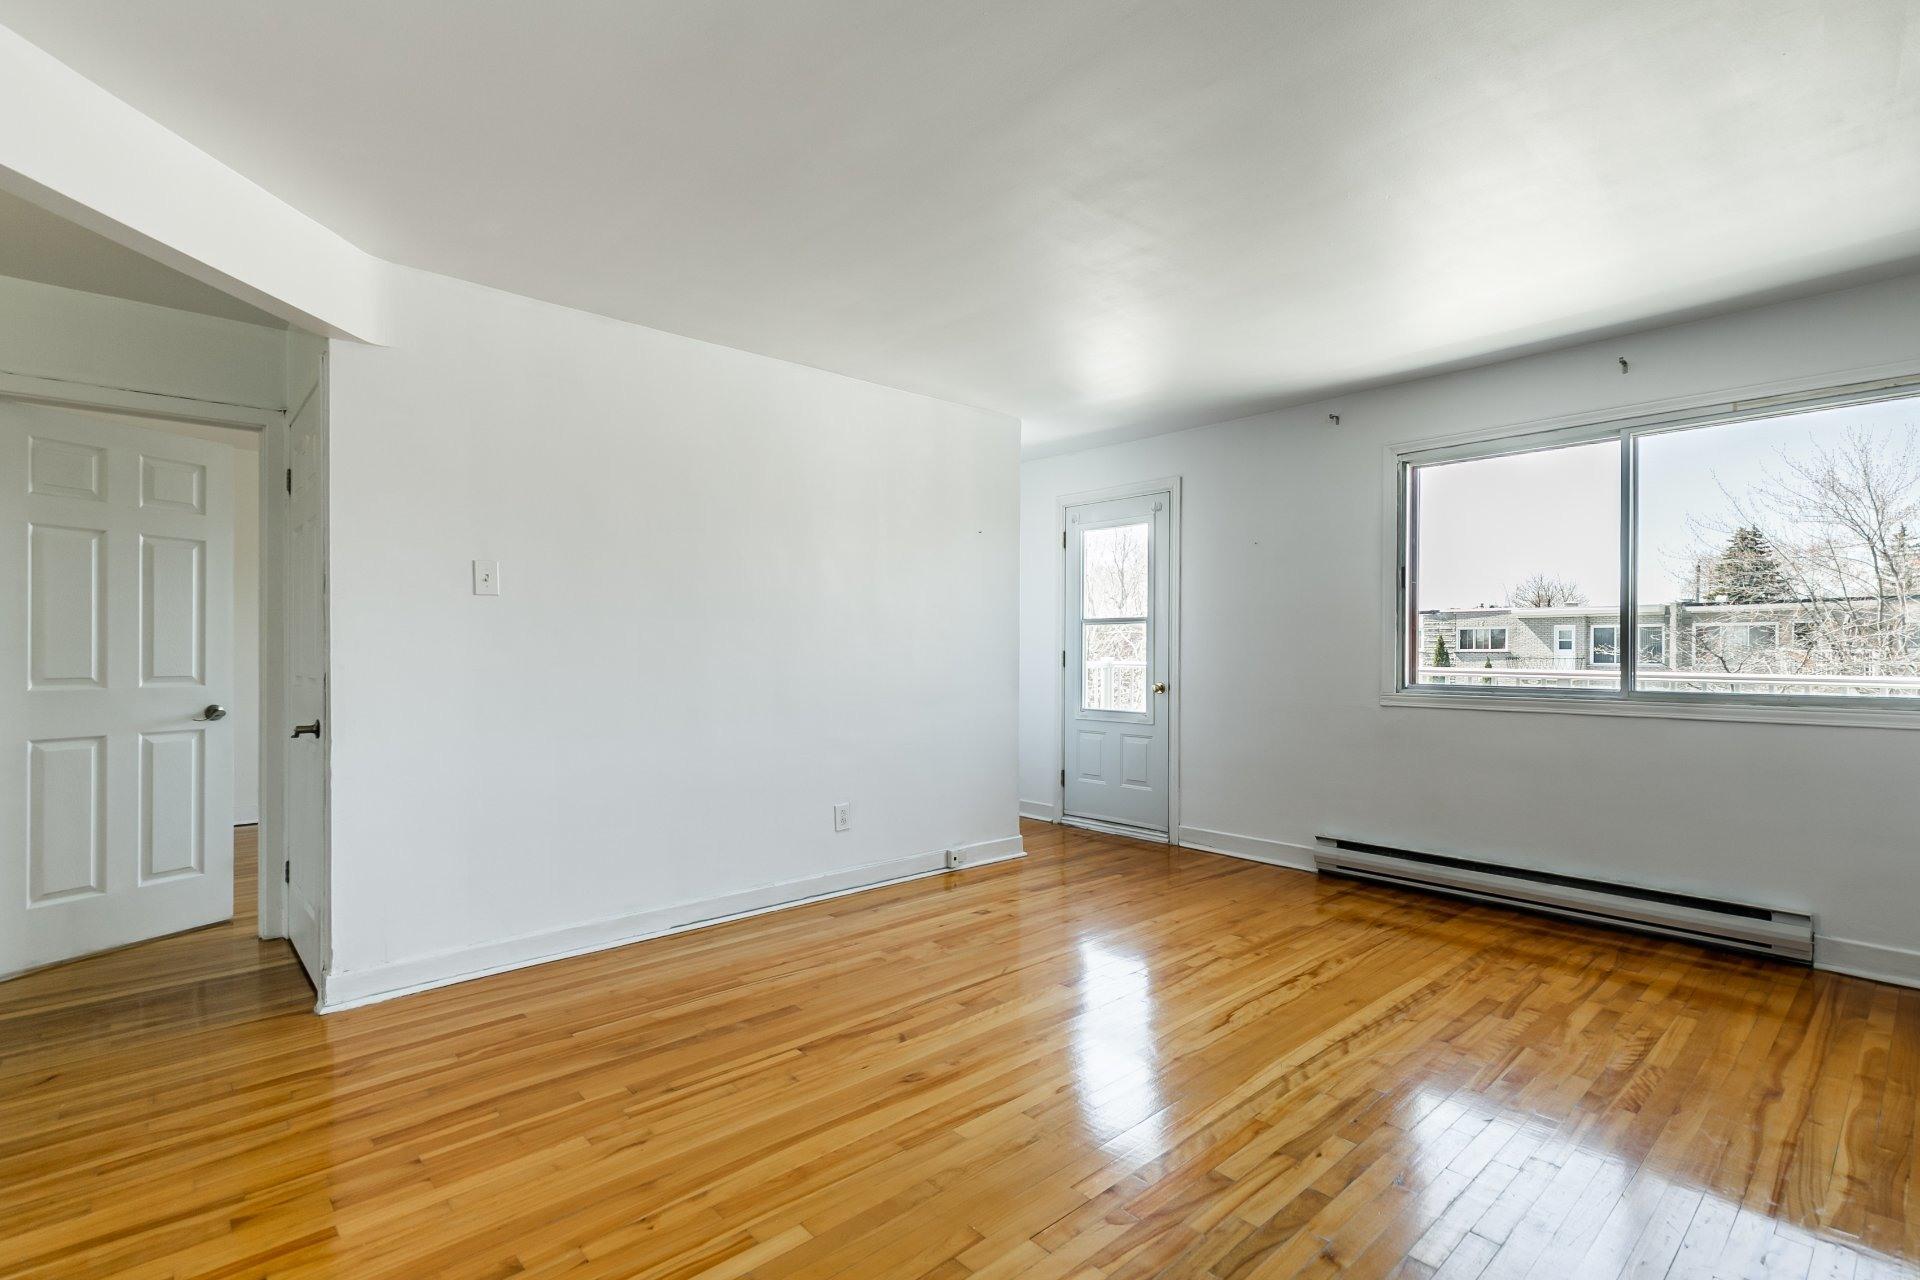 image 5 - Apartment For rent Anjou Montréal  - 5 rooms